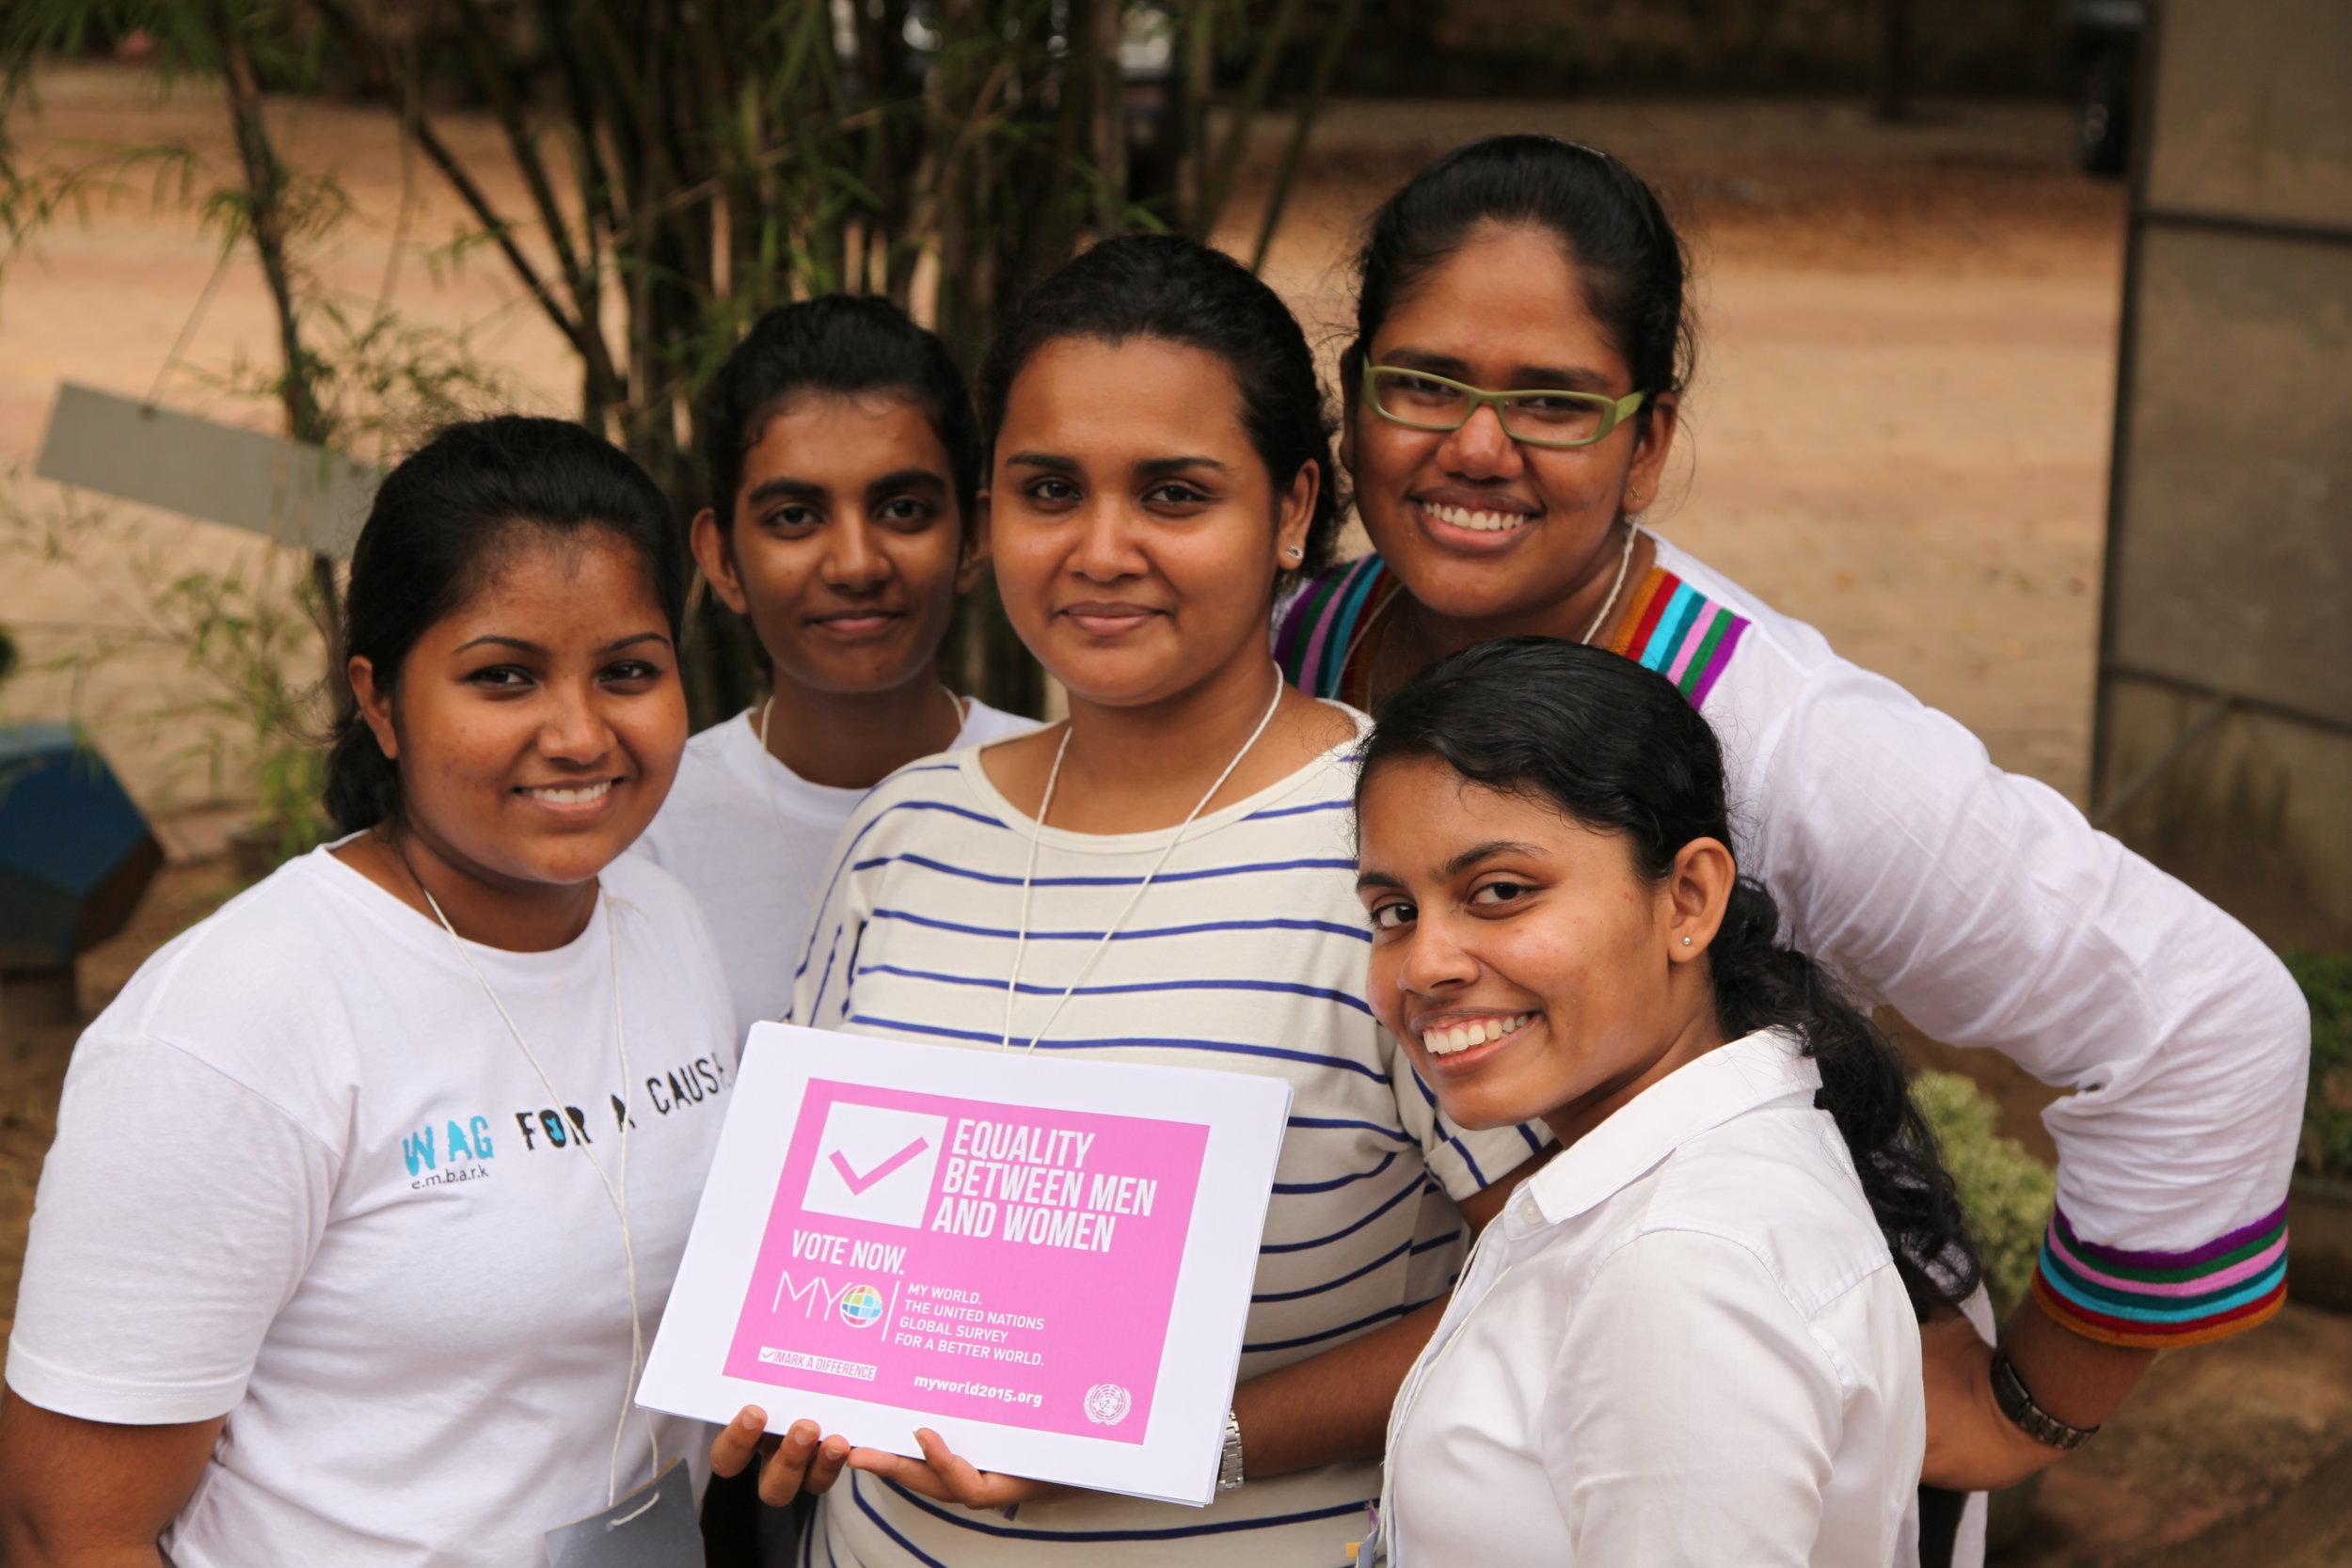 Volunteer Image 2.JPG